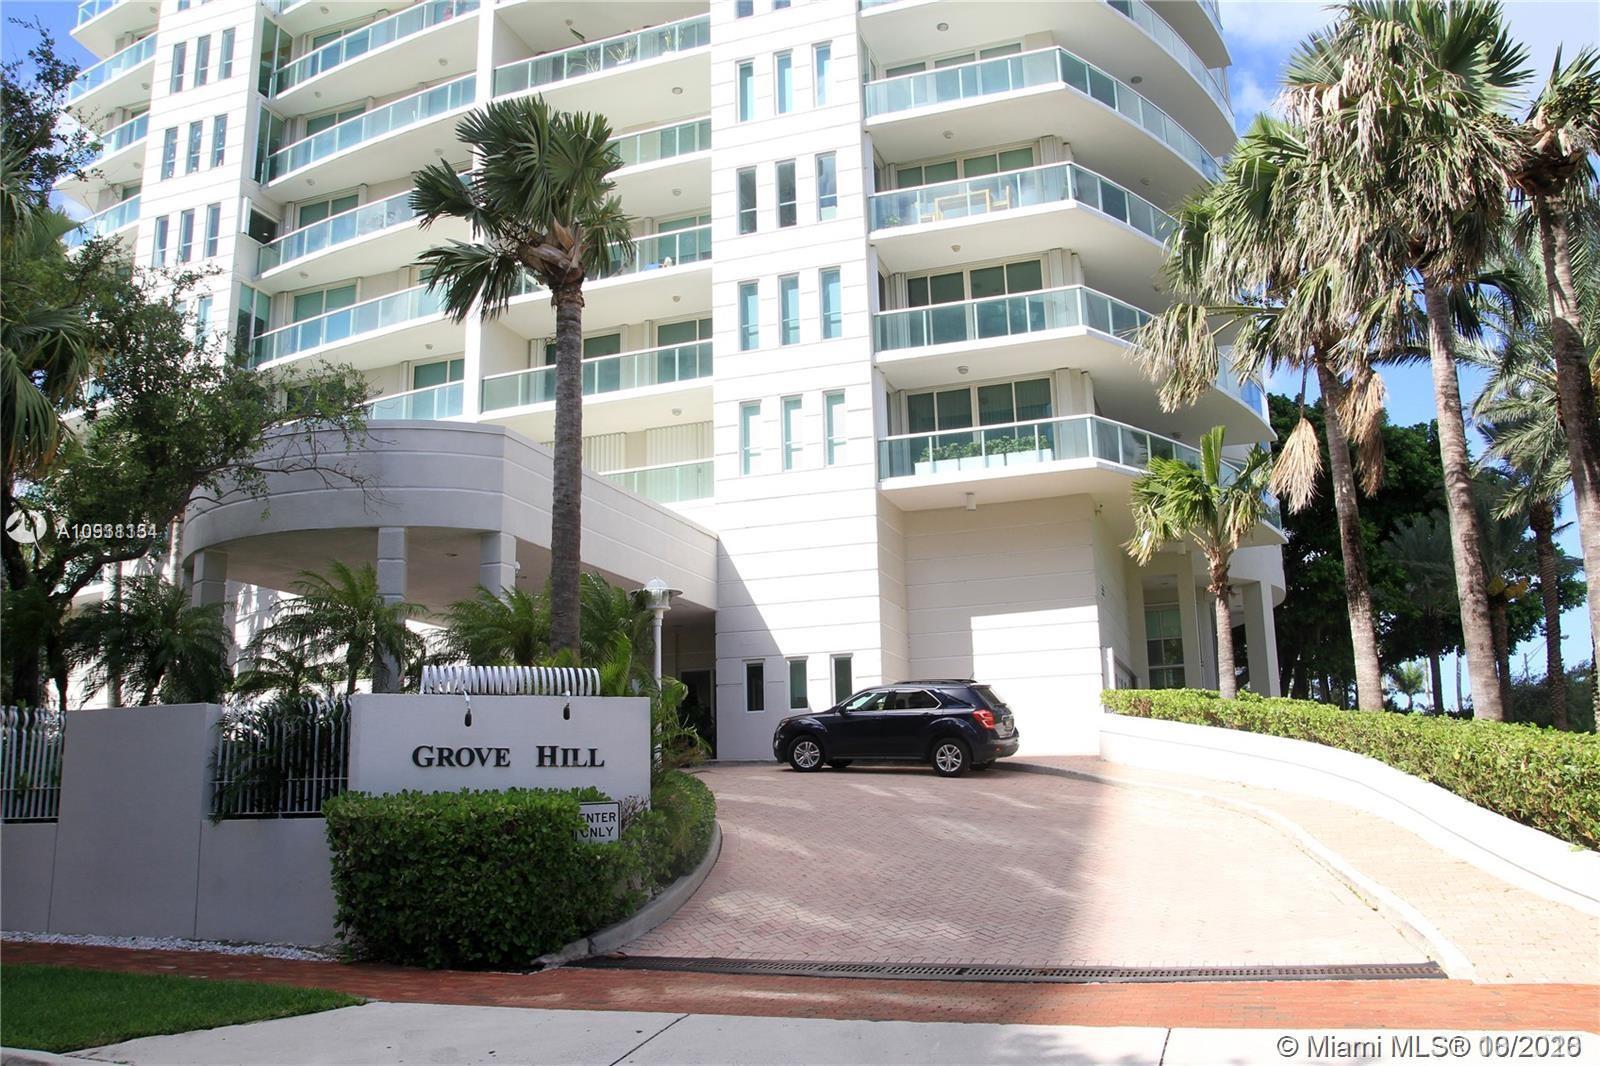 Grove Hill #1002 - 2645 S Bayshore #1002, Miami, FL 33133